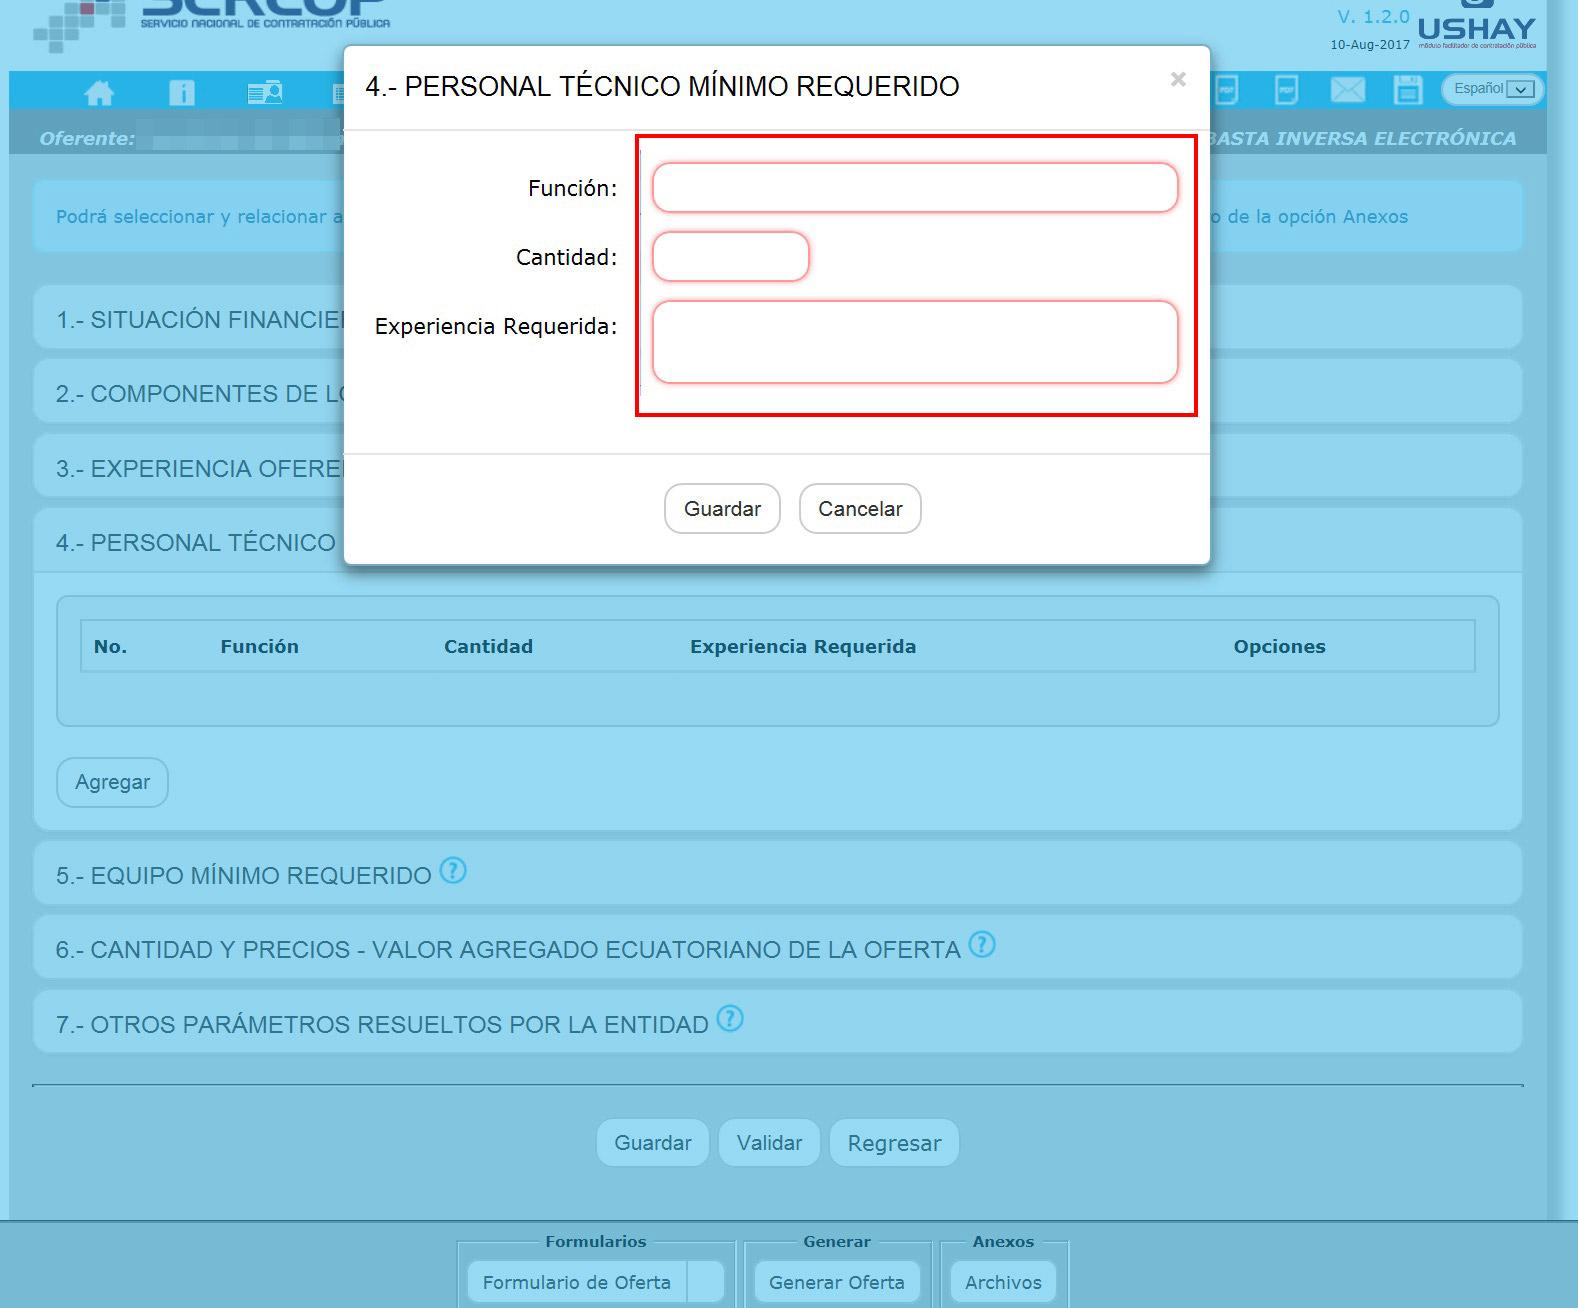 Cómo se llenan los formularios en un proceso de contratación pública ...